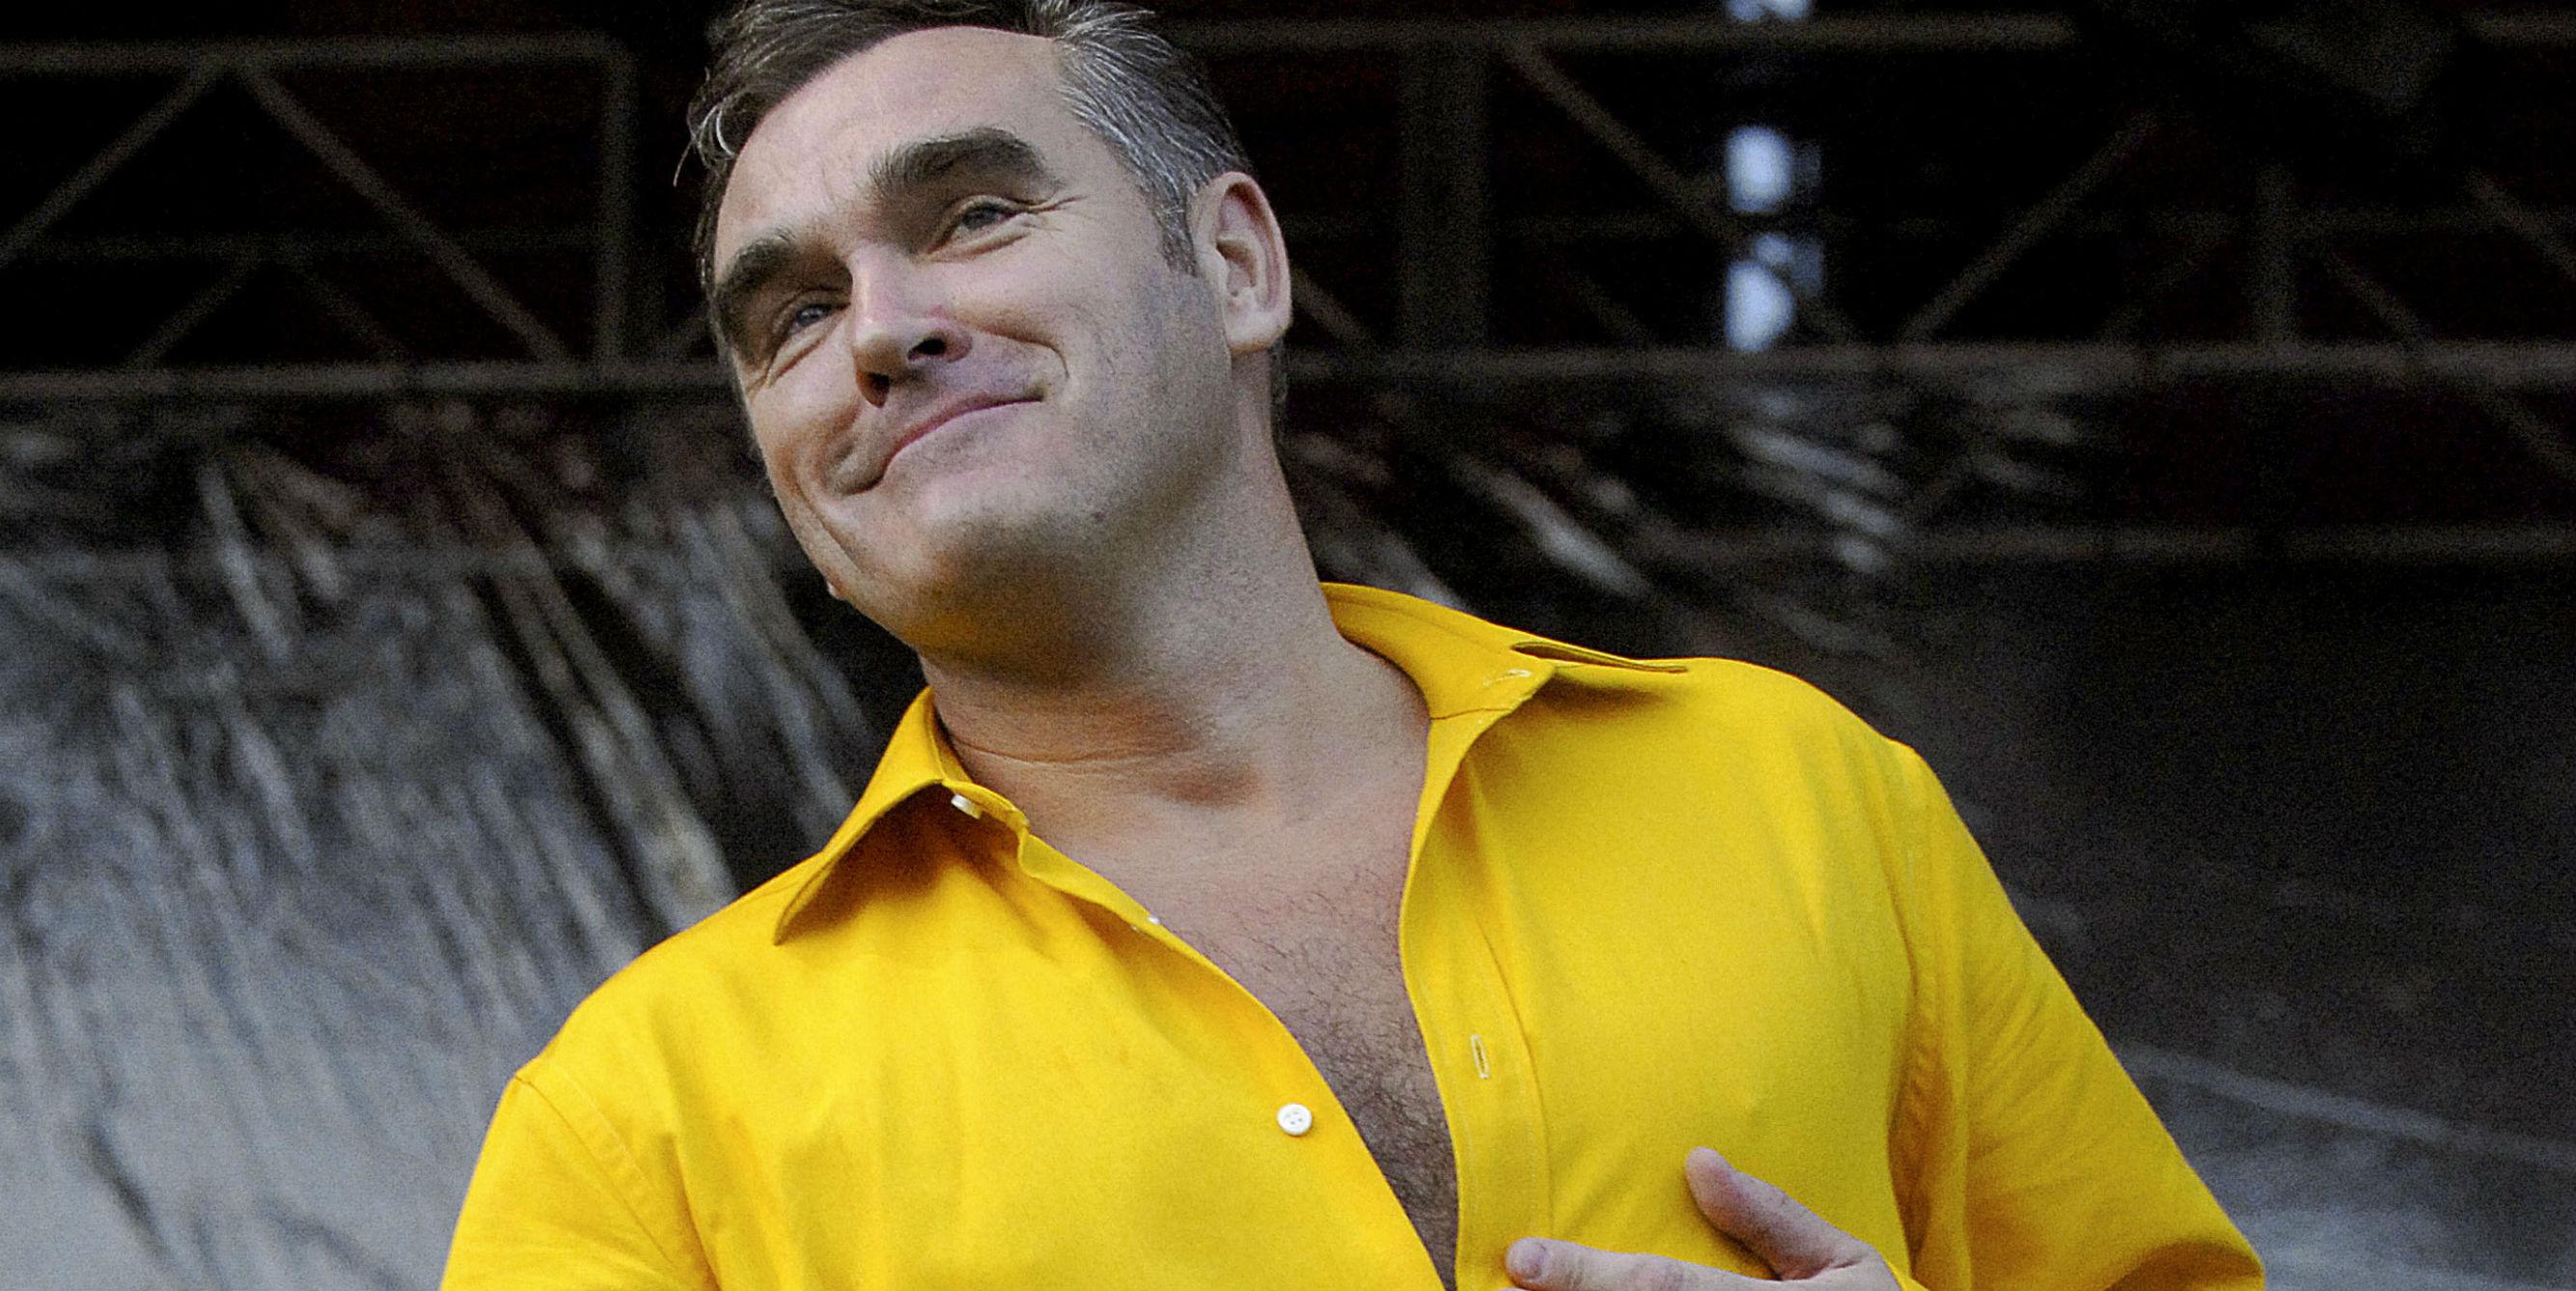 Agora sim, Morrissey está chegando em Nov/15 no Brasil (+ datas em toda América do Sul)